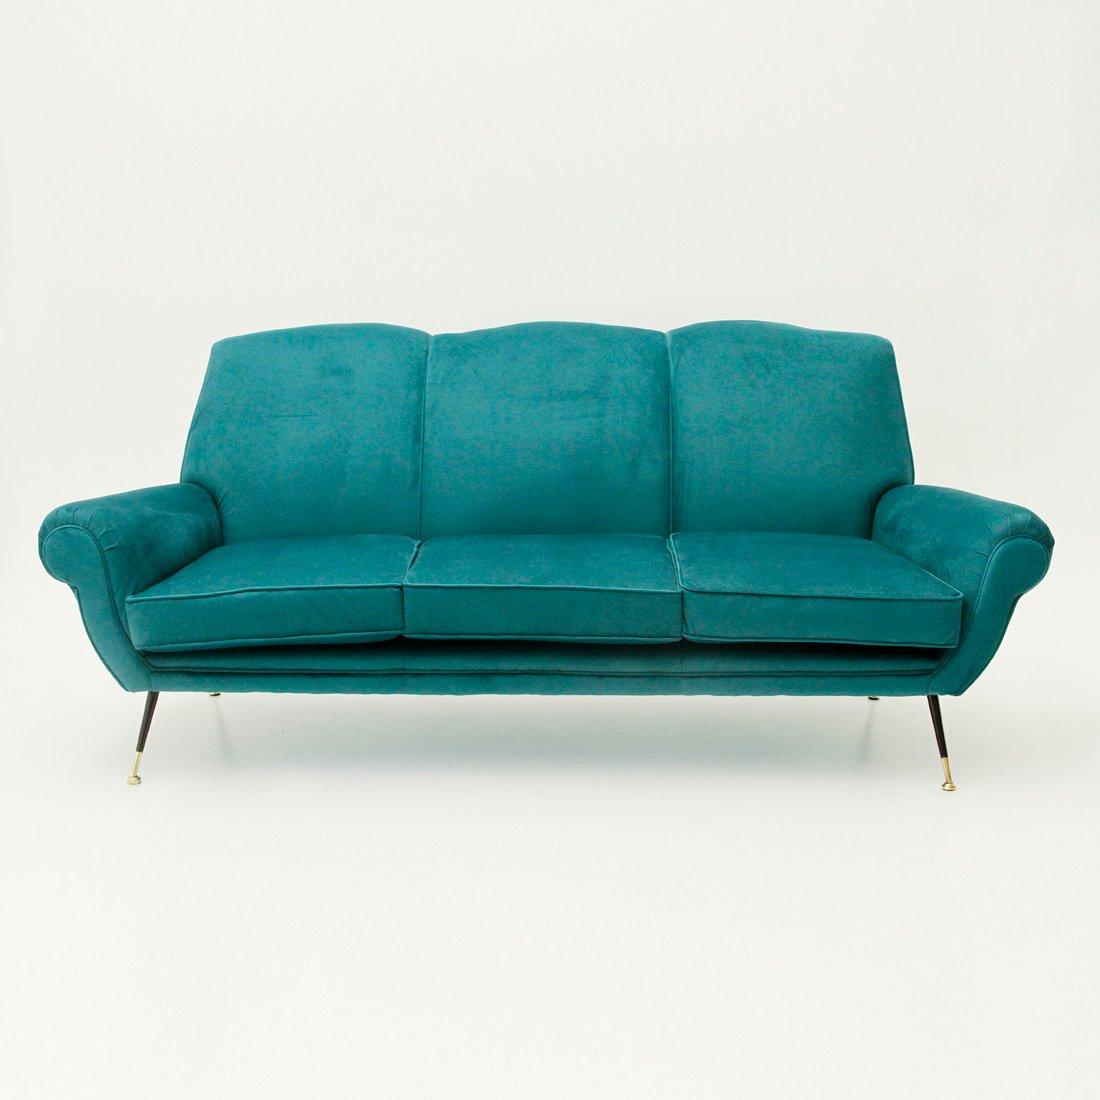 Italian 3 seater velvet sofa 1950s for sale at pamono for Divan 1950